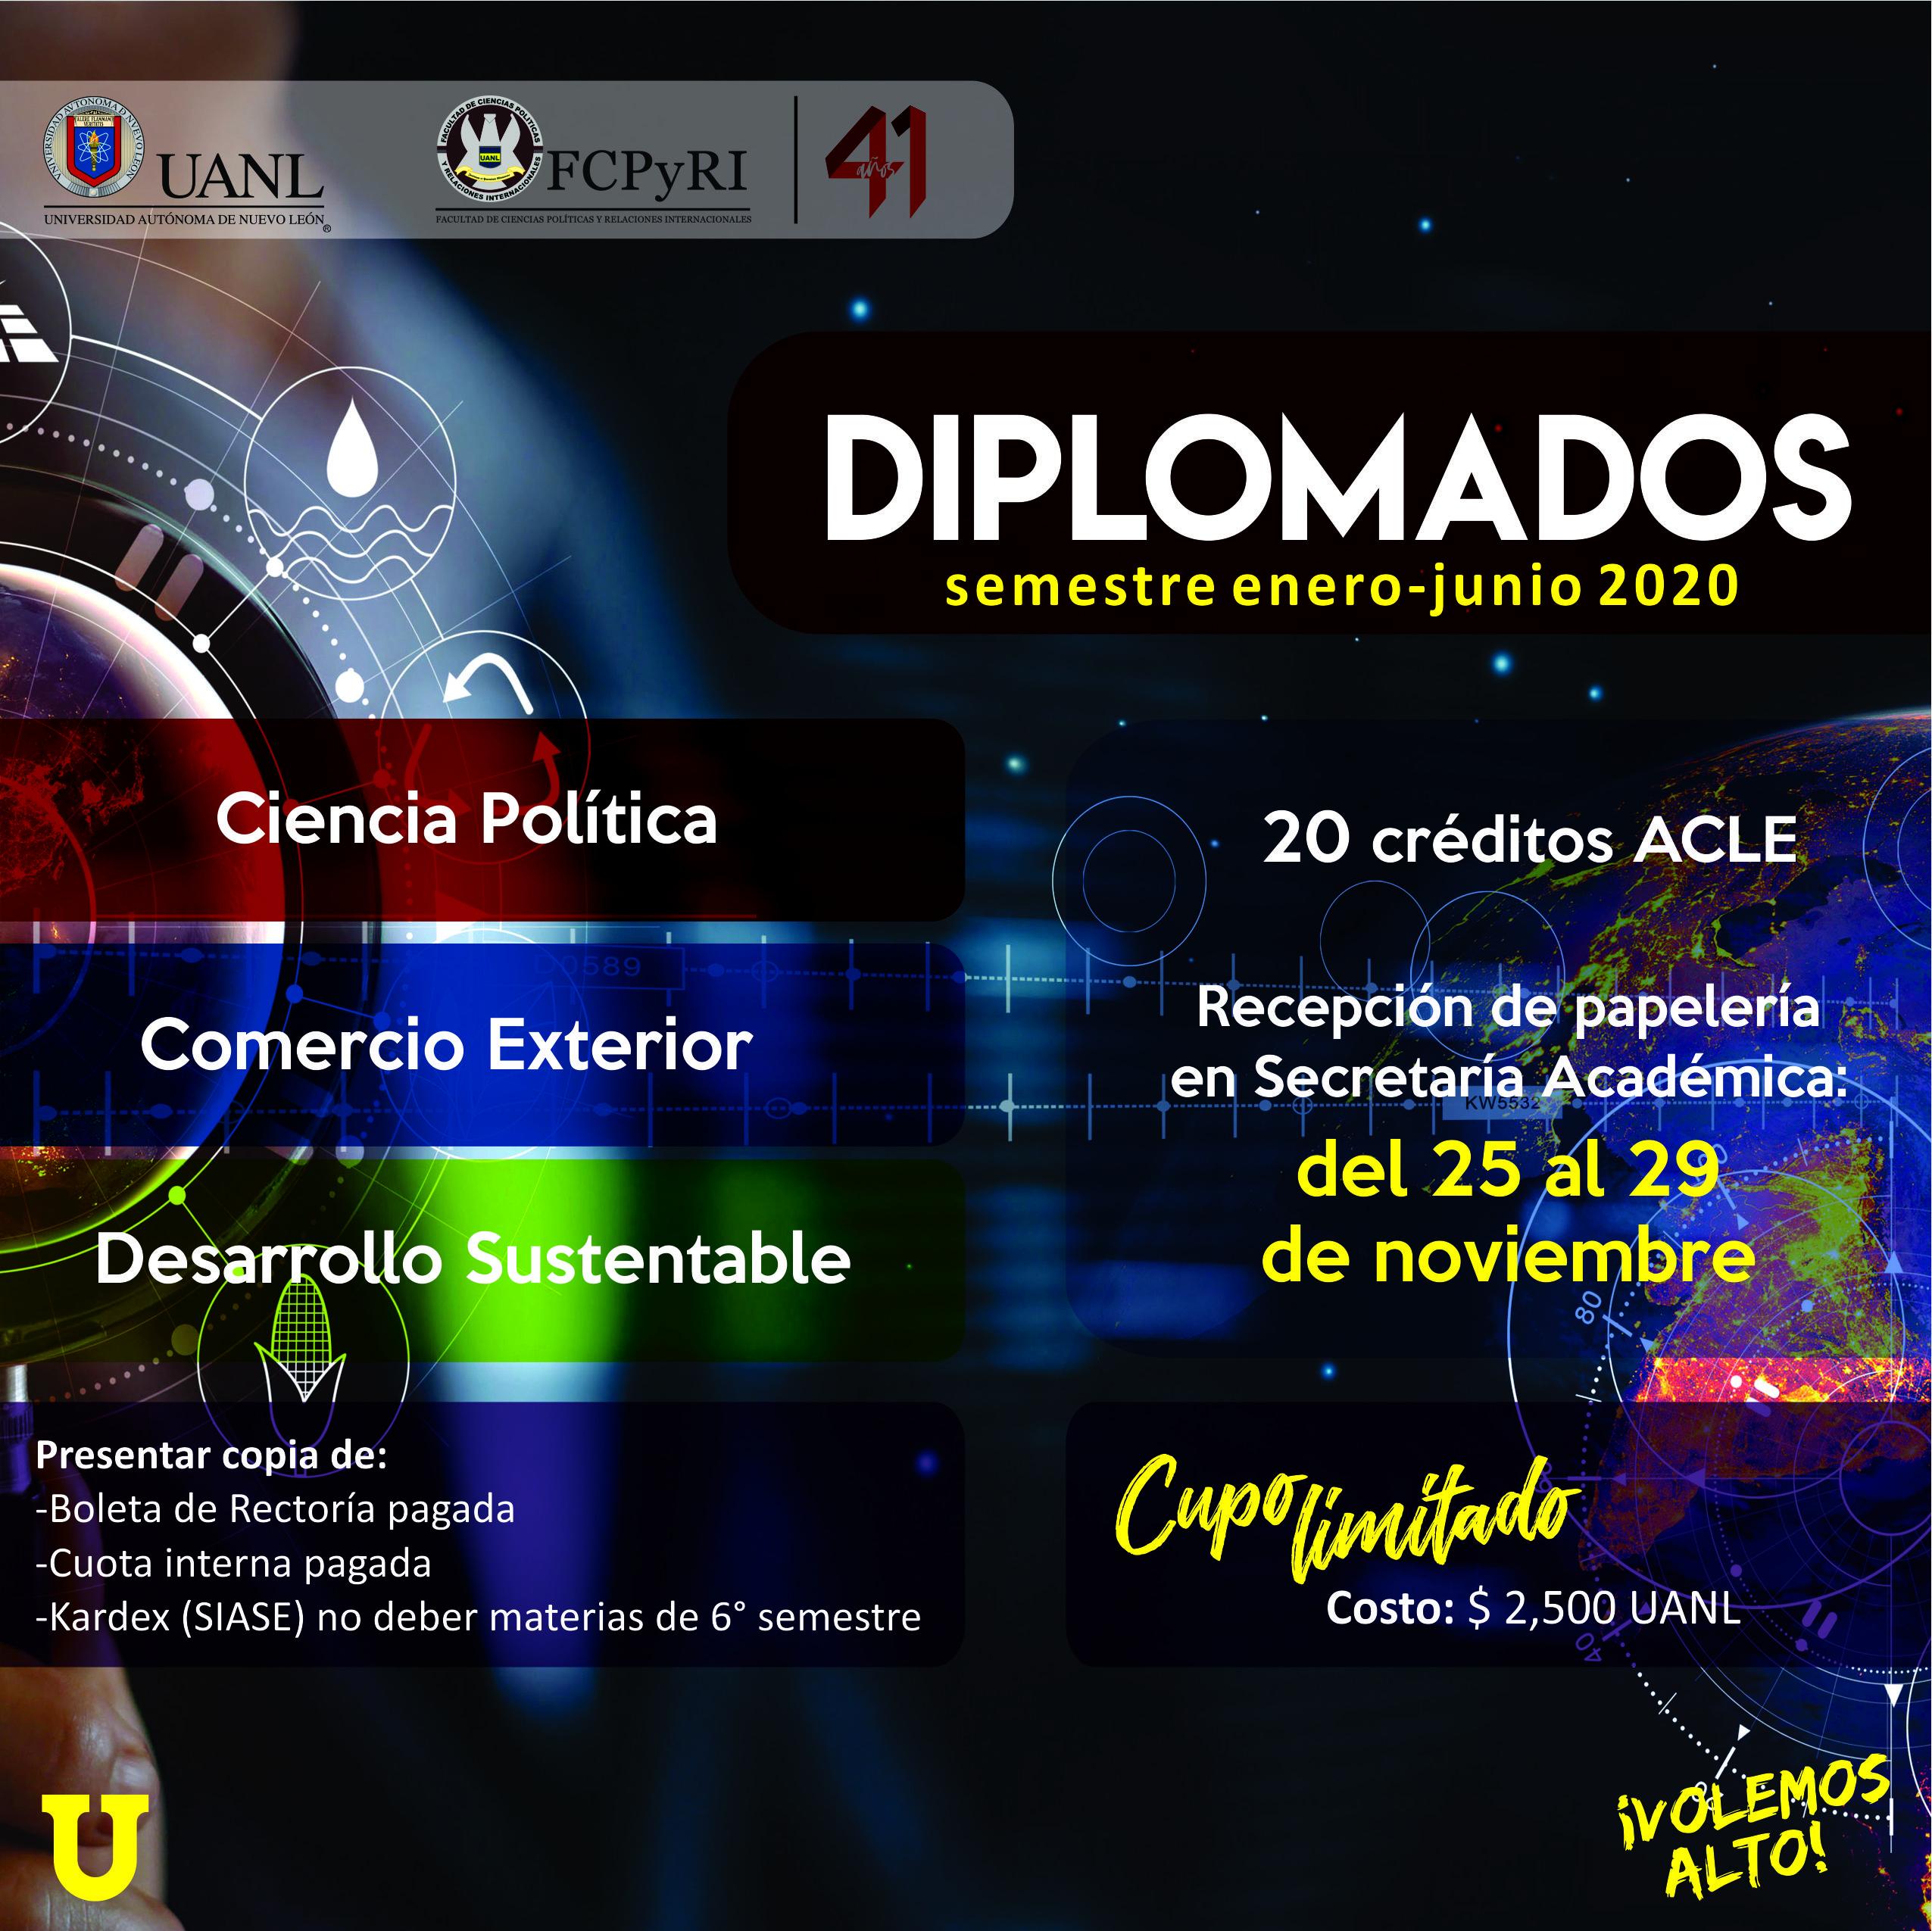 Diplomados 2020